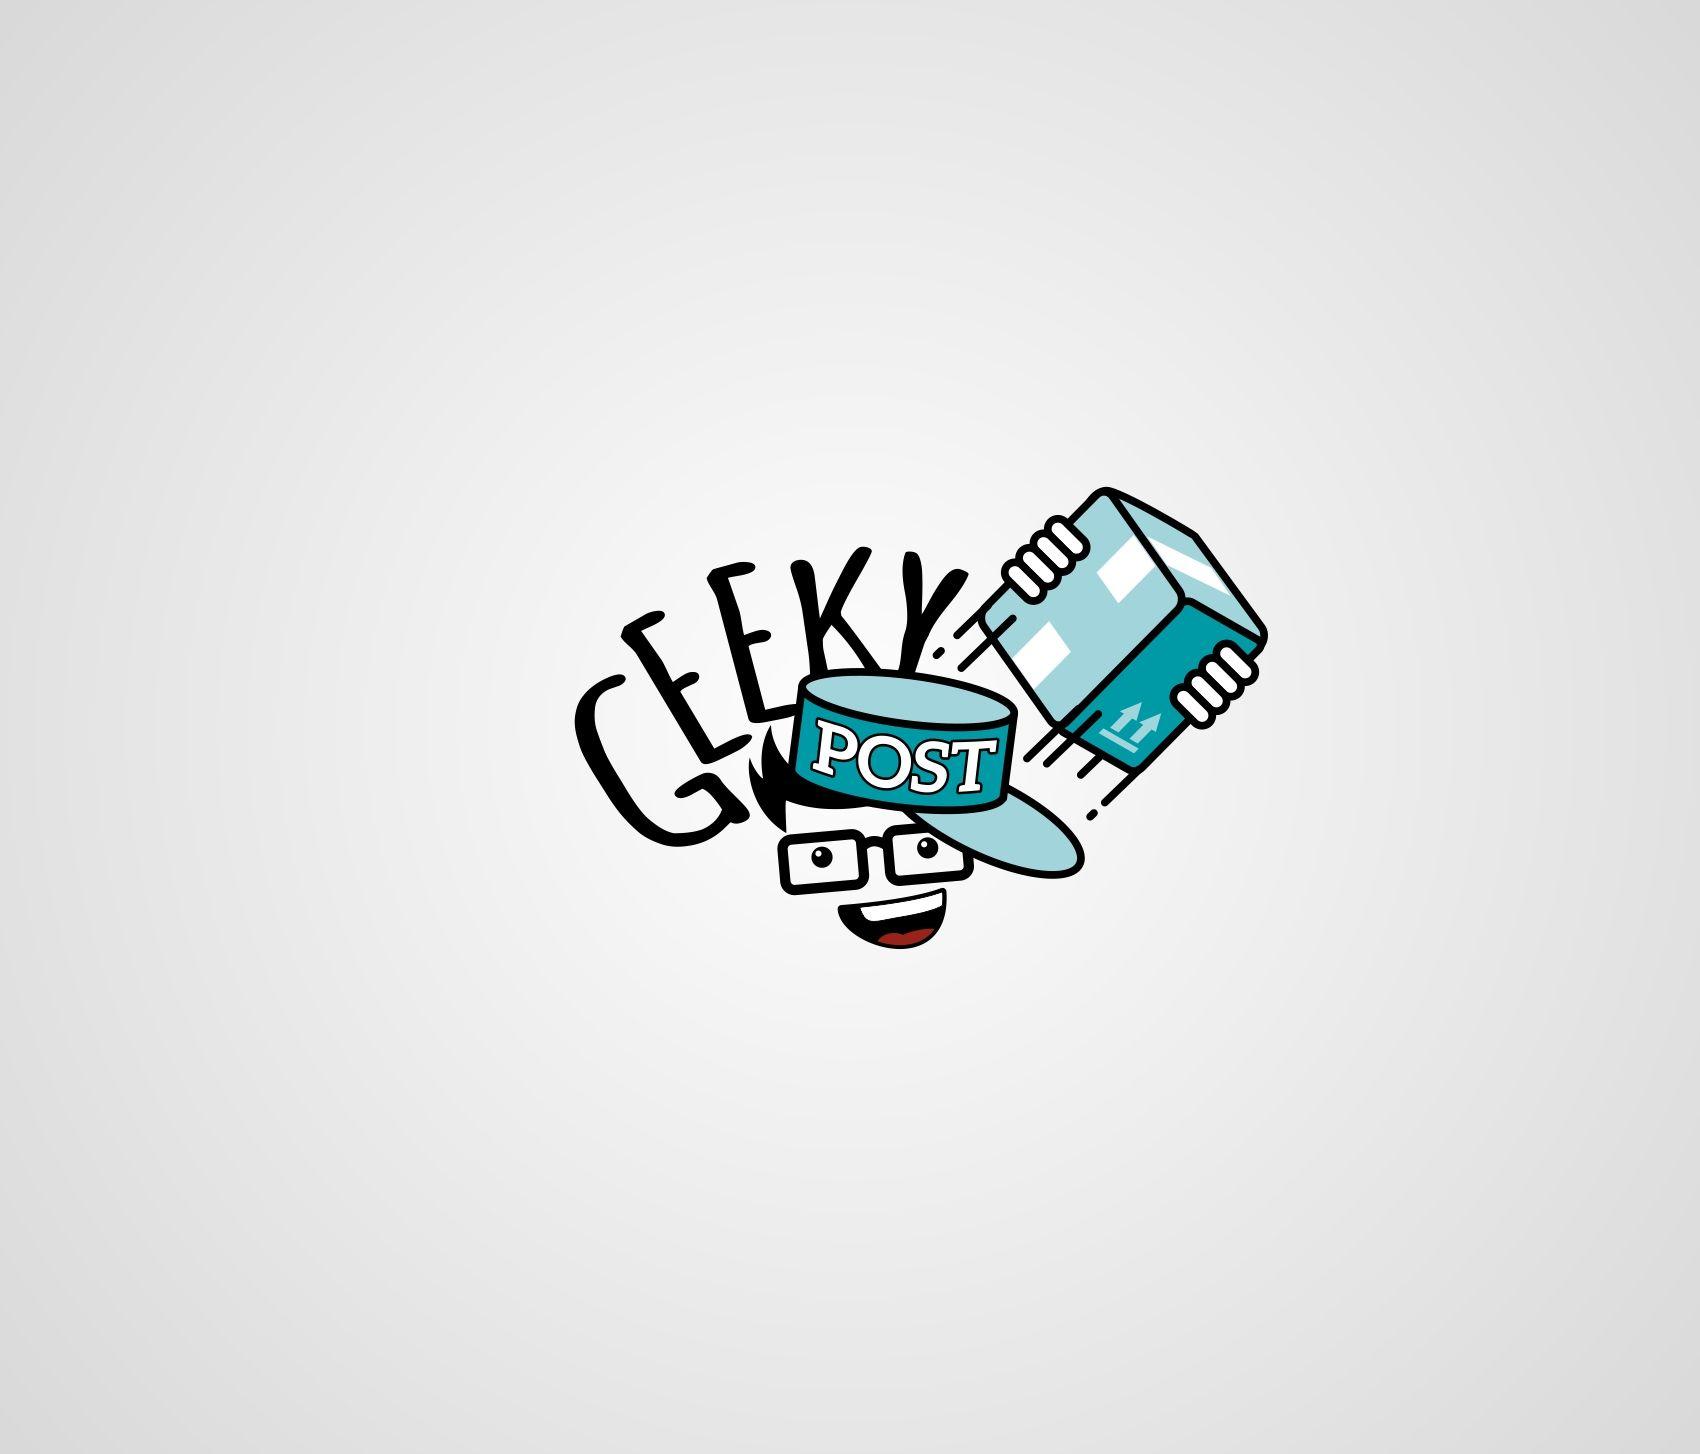 Логотип для Коробки для гиков и геймеров - дизайнер kras-sky